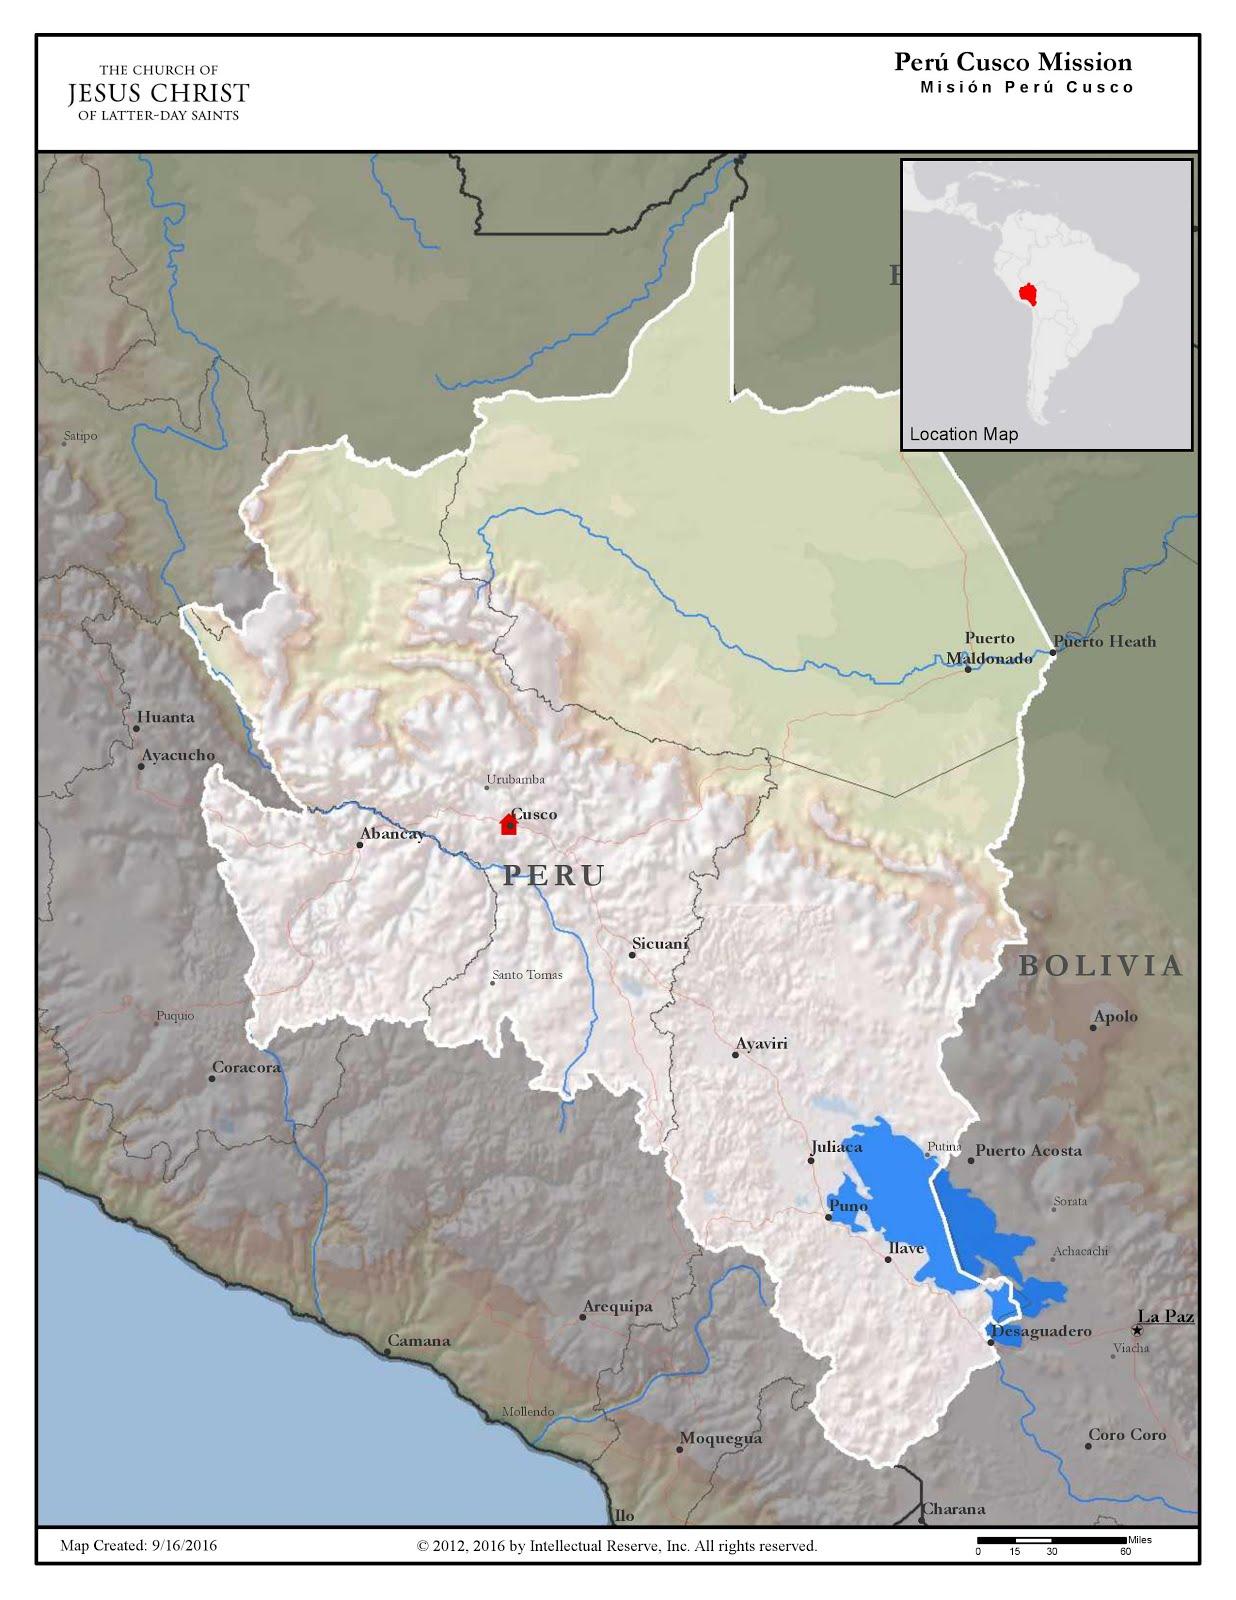 Mapa de la Mision